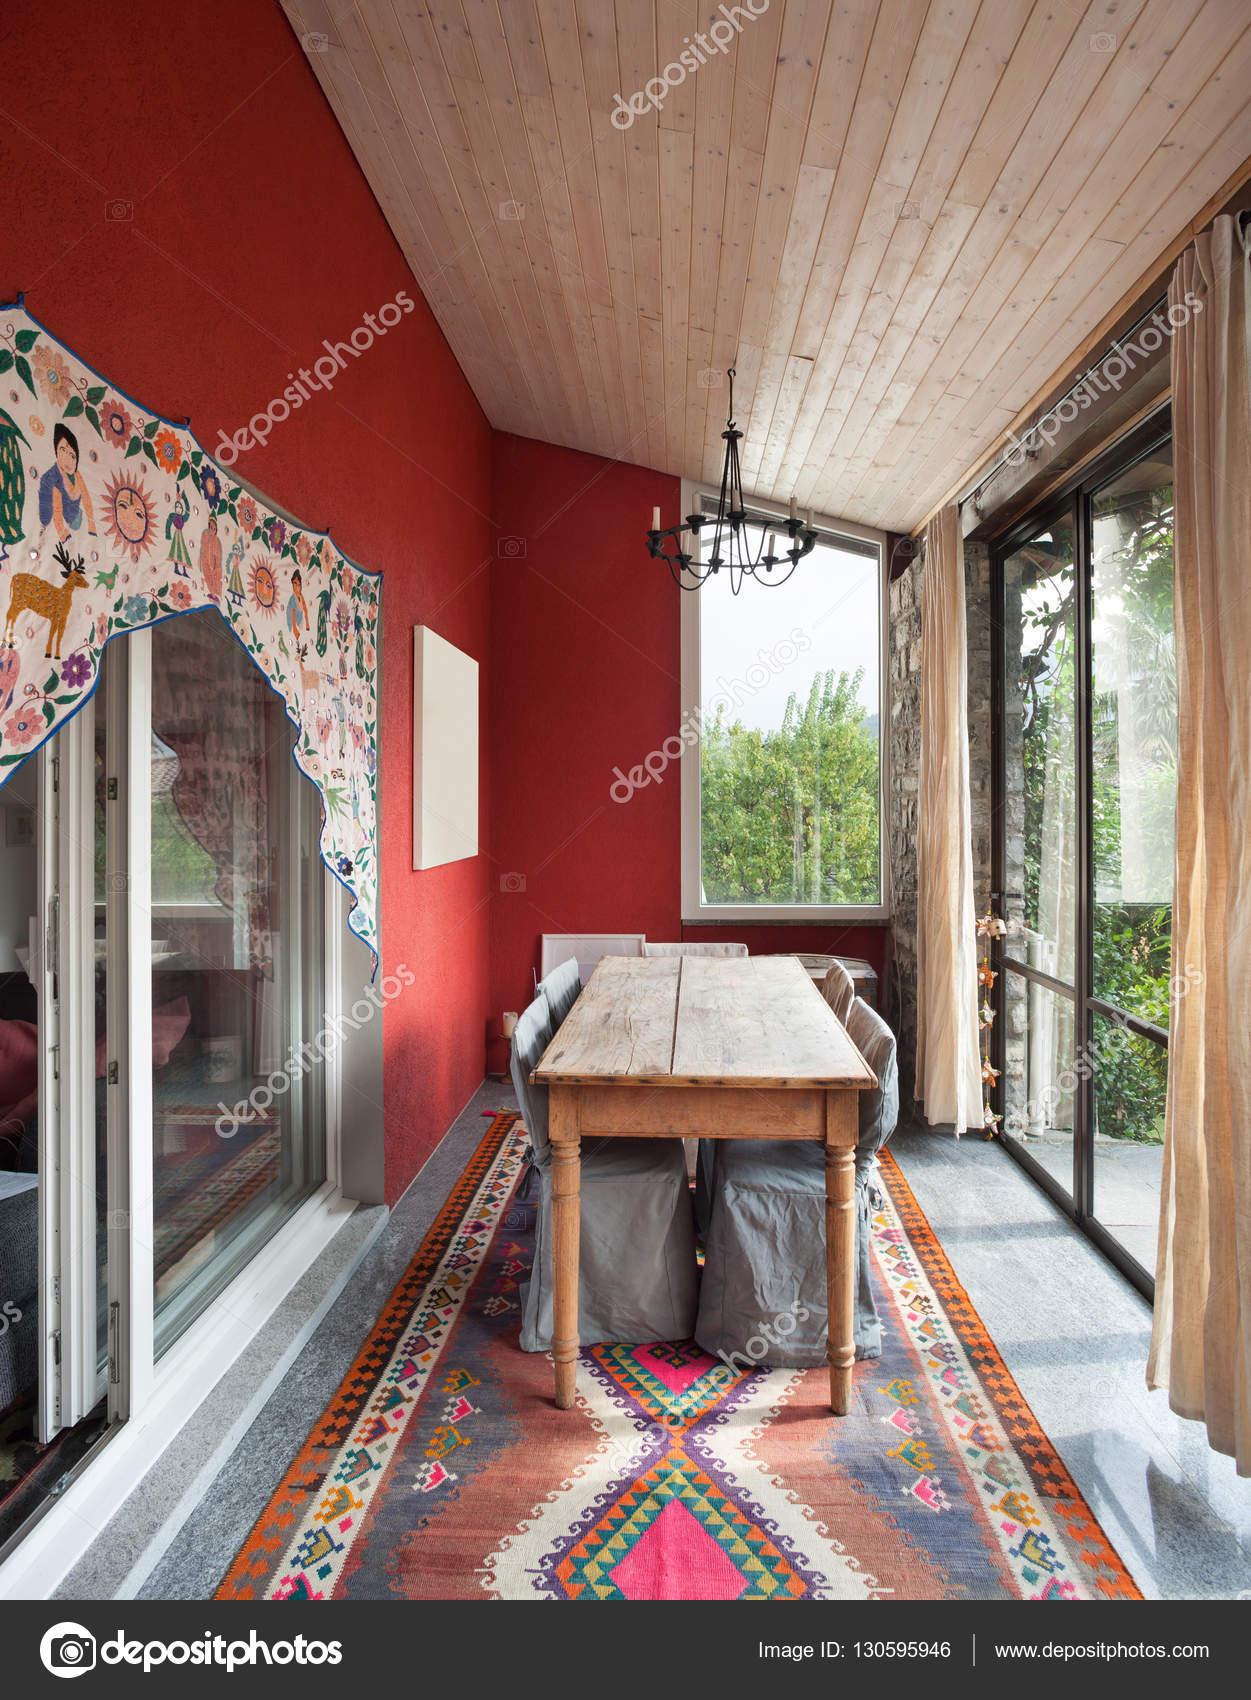 veranda interieur a manger photo Intérieur, véranda avec table à manger ancienneu2013 images de stock libres de  droits